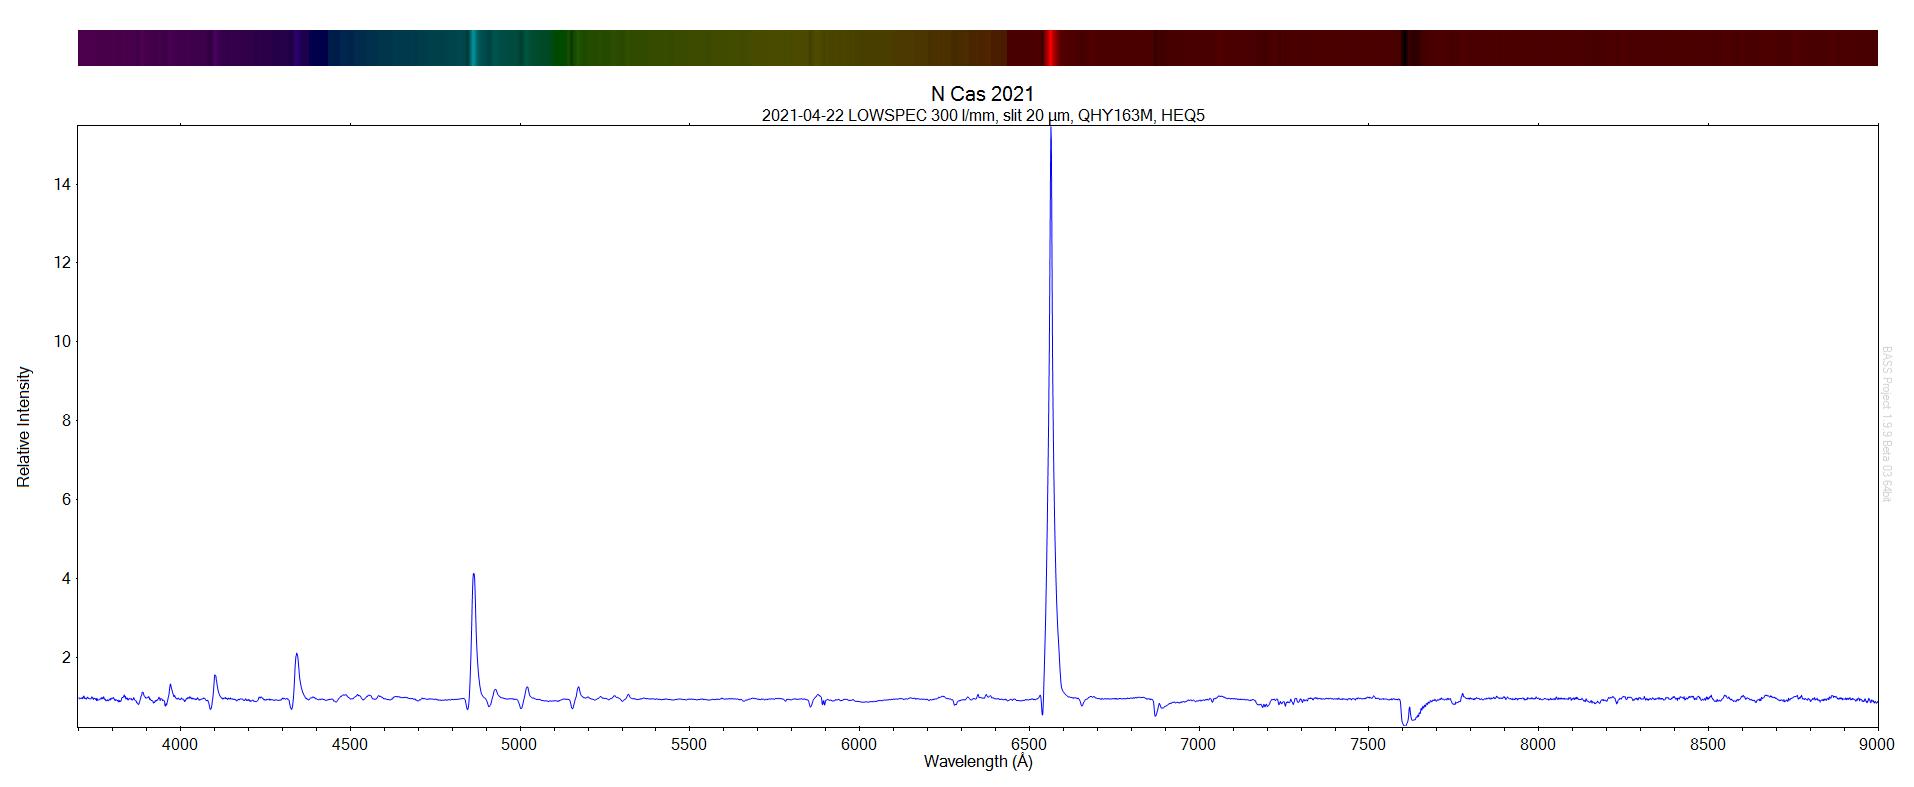 2021-04-22 N Cas 2021 spectrum.png